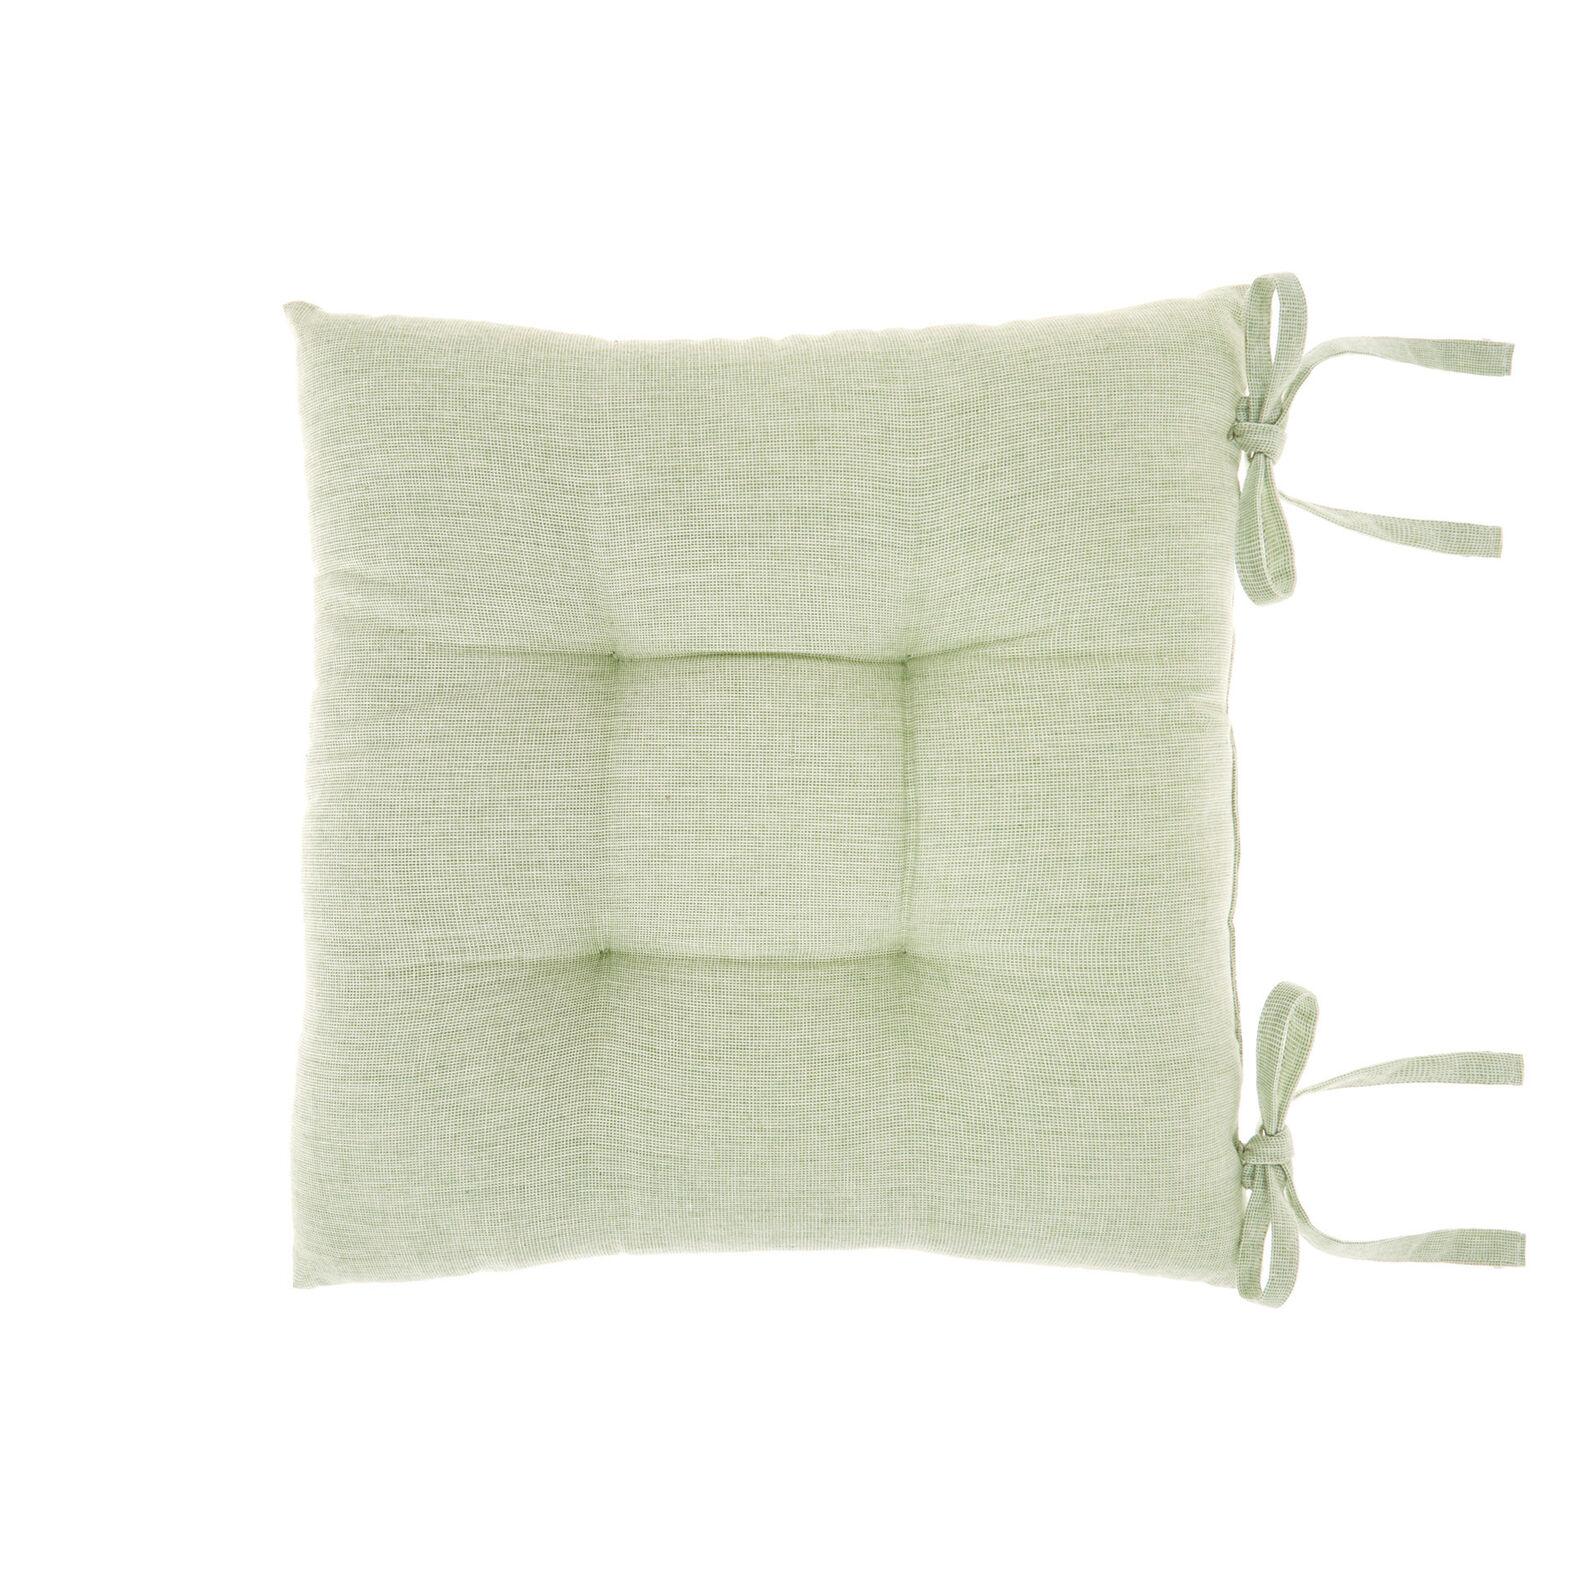 Cuscino da sedia puro cotone tinto filo effetto mélange